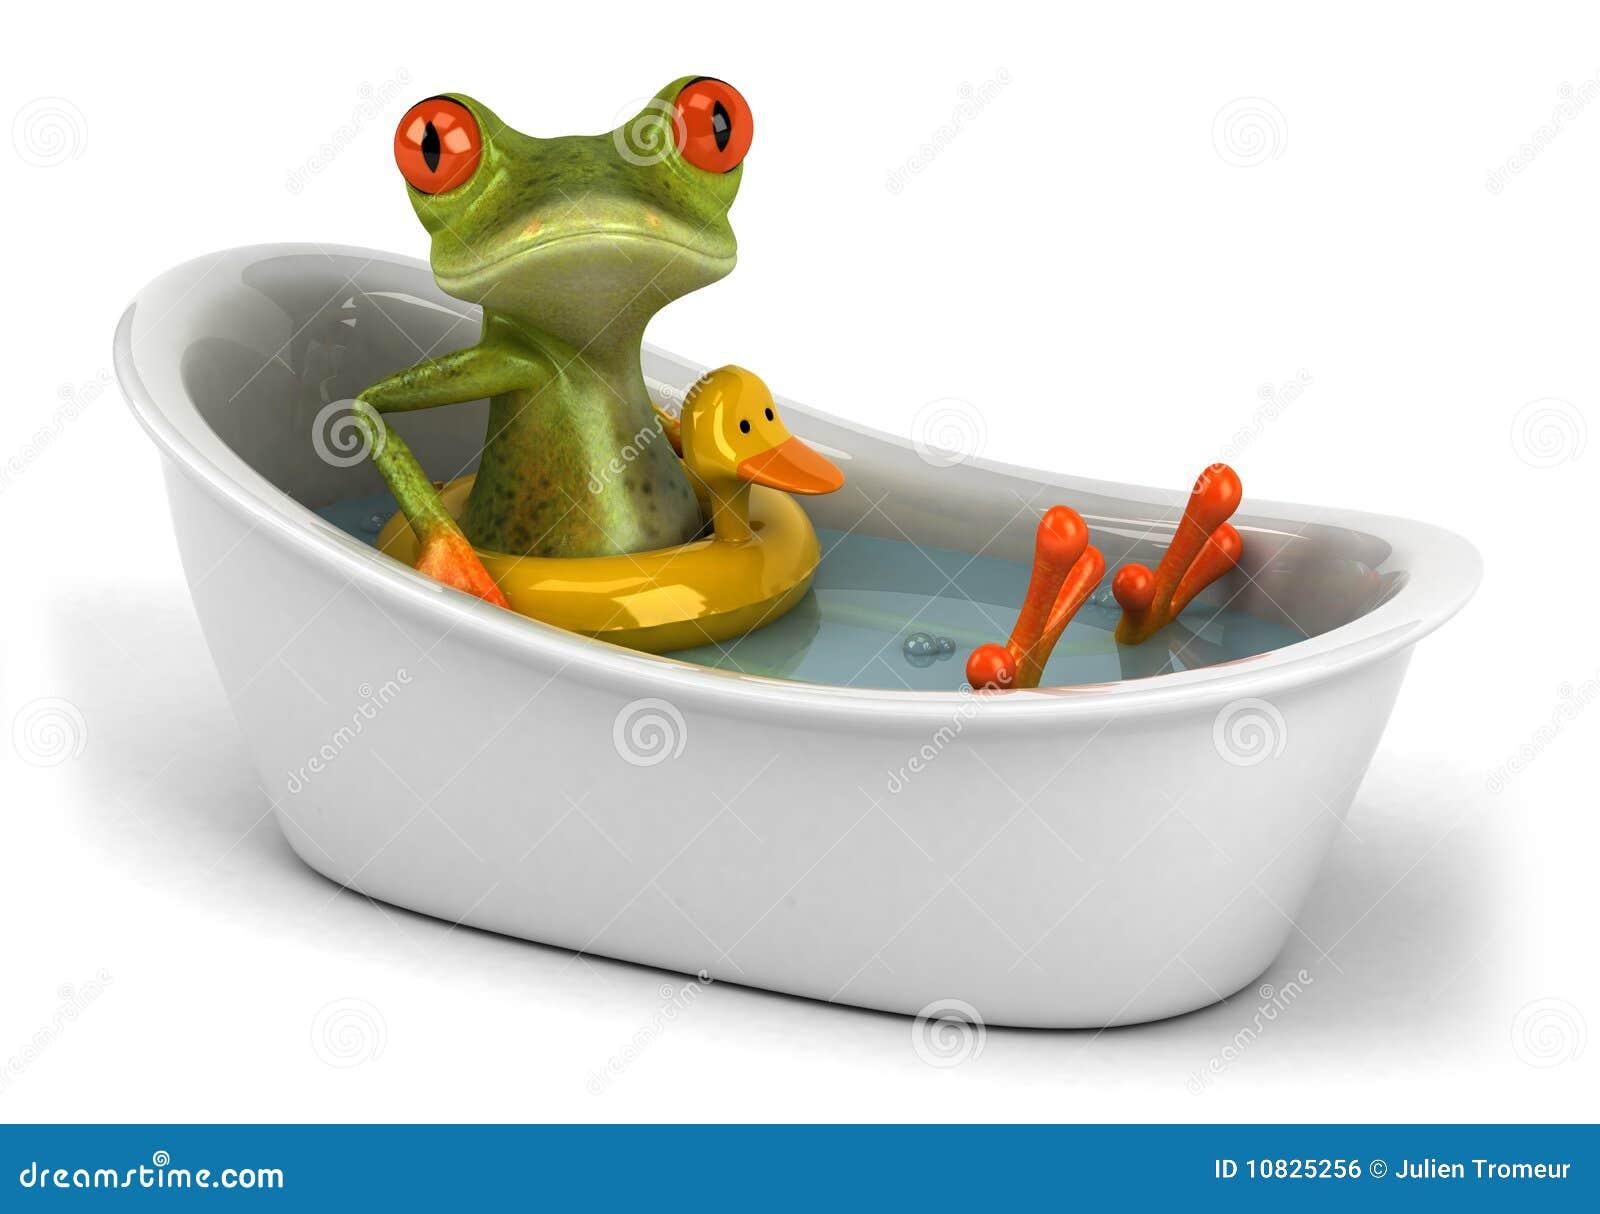 Grenouille dans un bain image libre de droits image 10825256 for Photo dans un bain